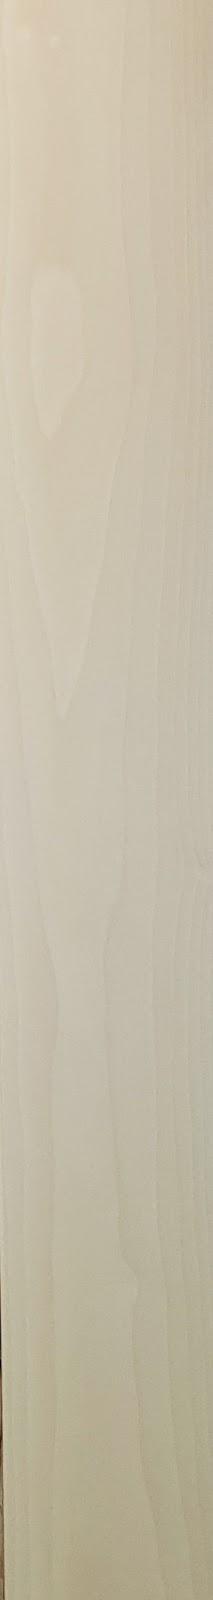 天然木地板-晨曦黃